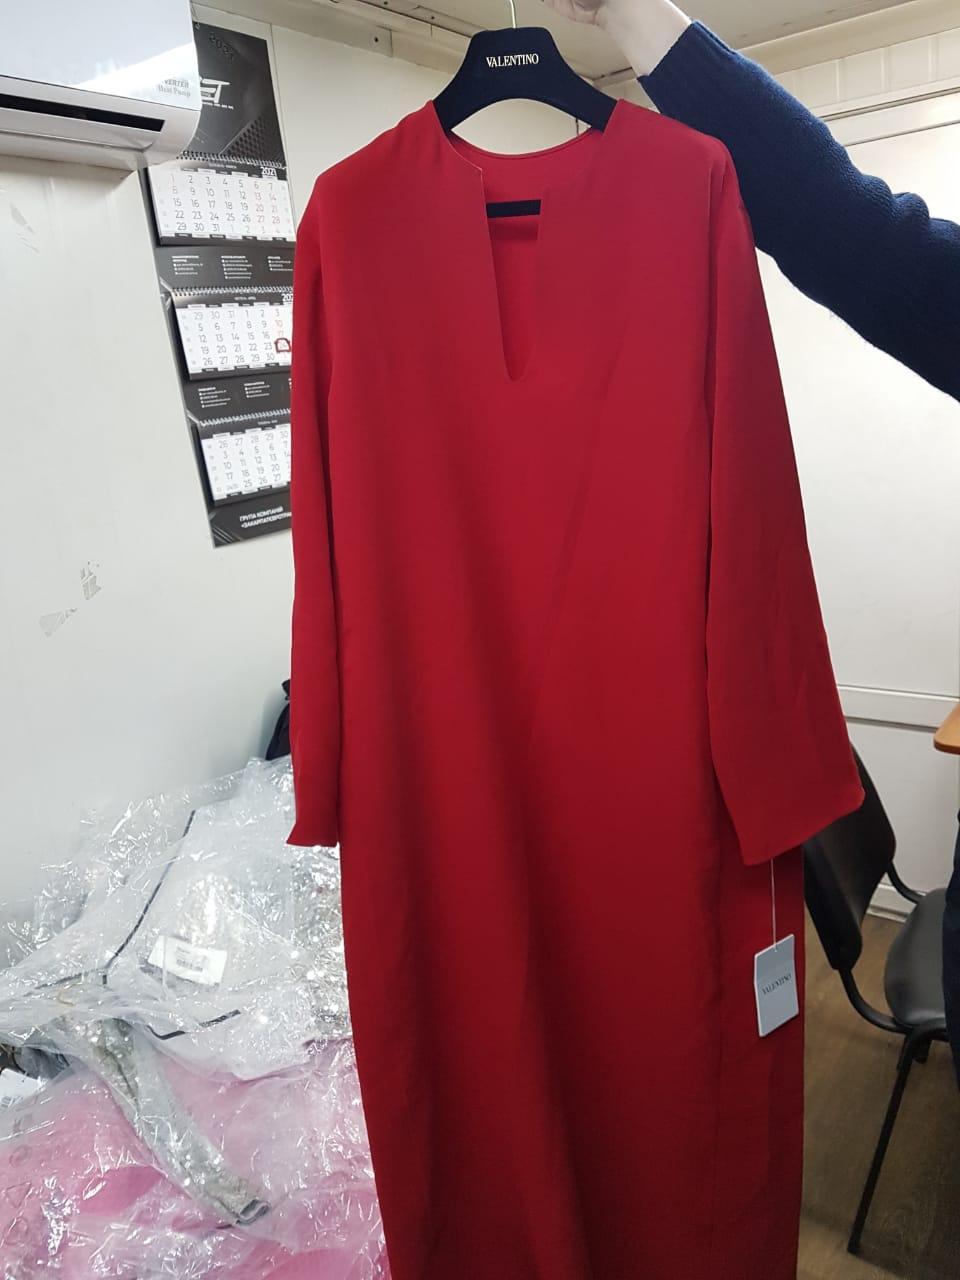 Через кордон на Закарпатті водій мікроавтобуса намагався провезти новий брендовий одяг під виглядом секонд-хенду